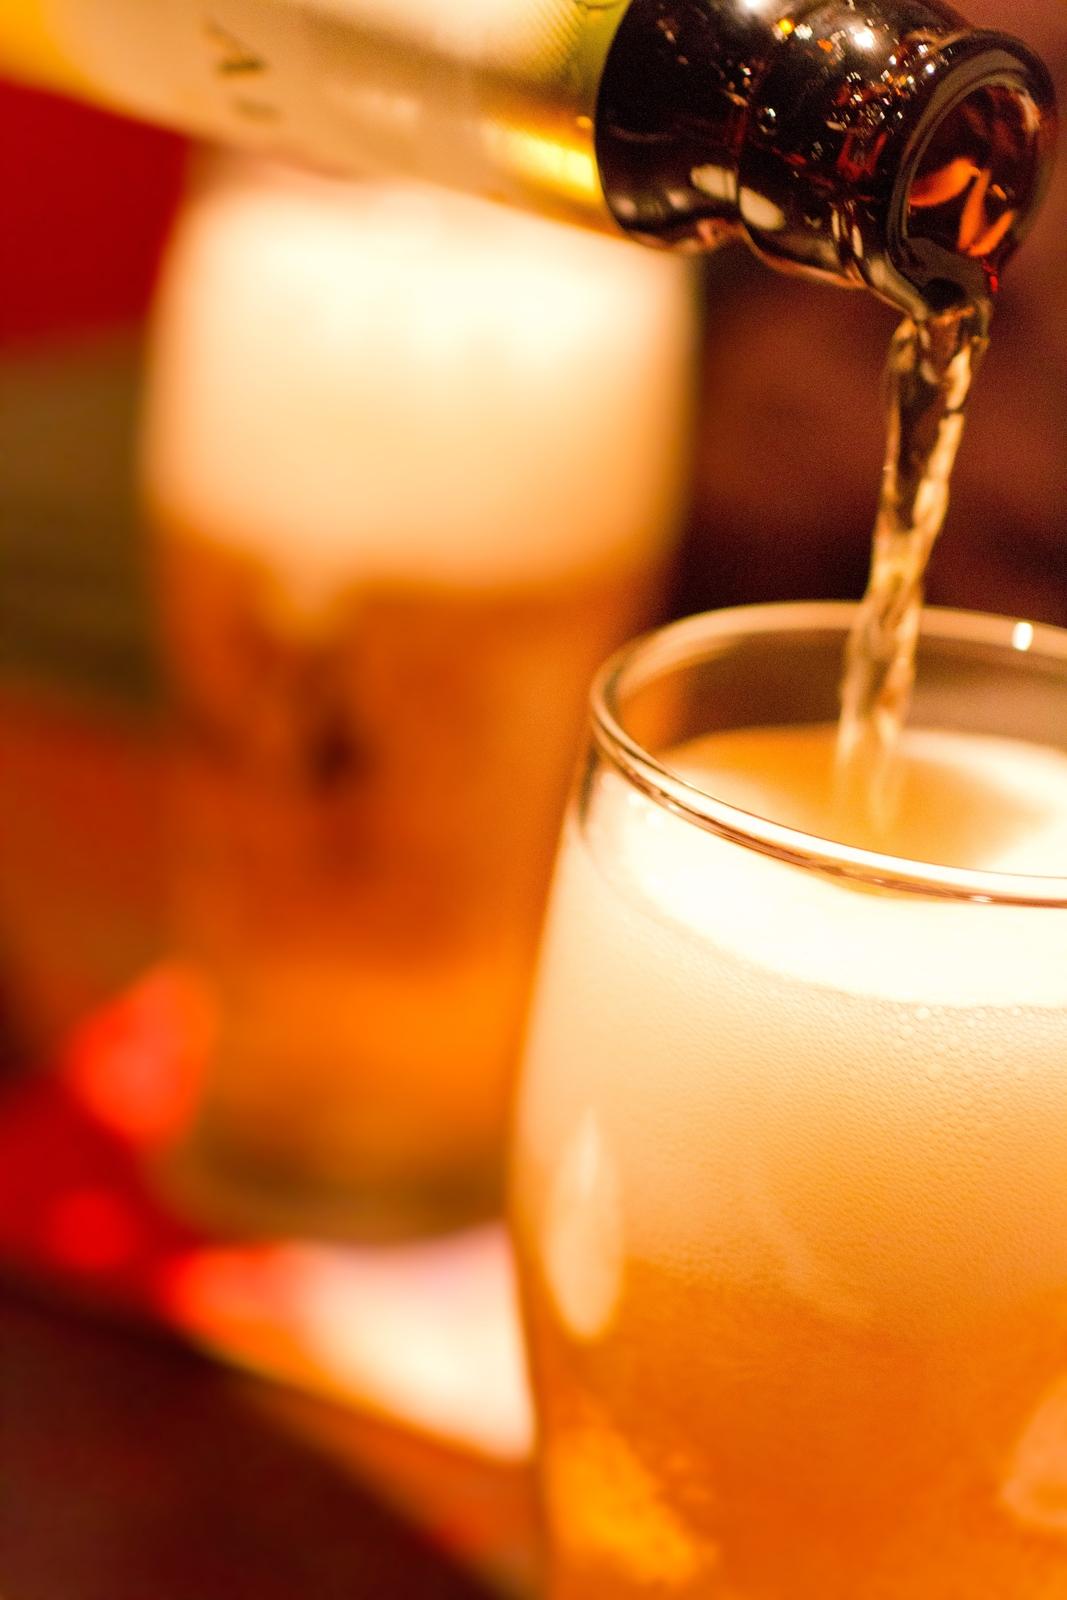 nc_beer